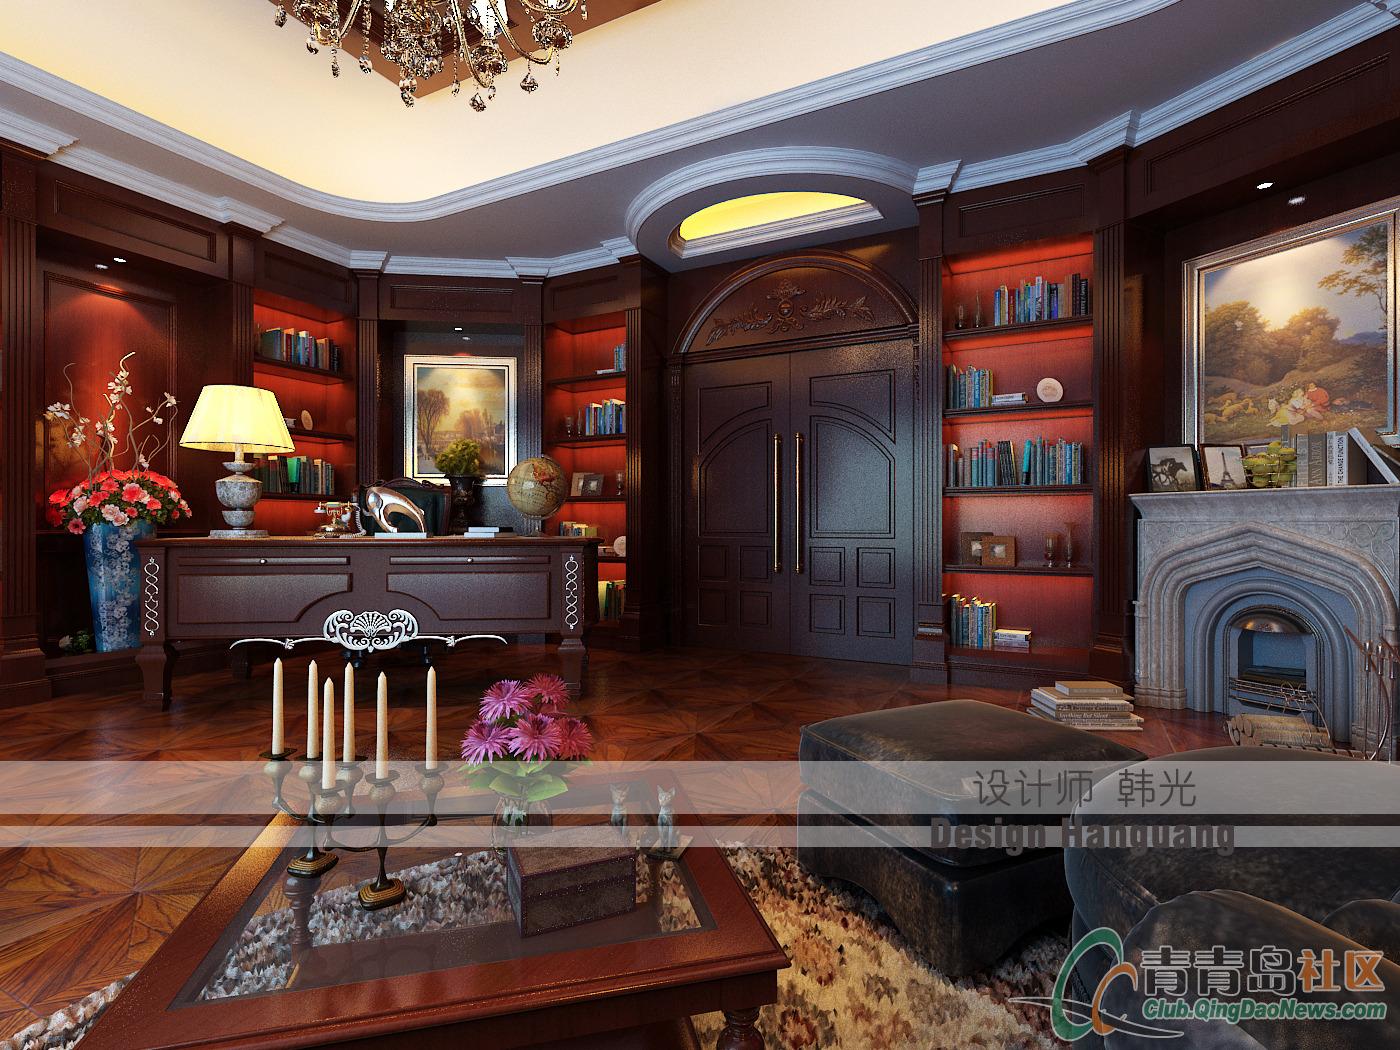 【精】【青岛实创装饰】精美的欧式别墅装修设计图